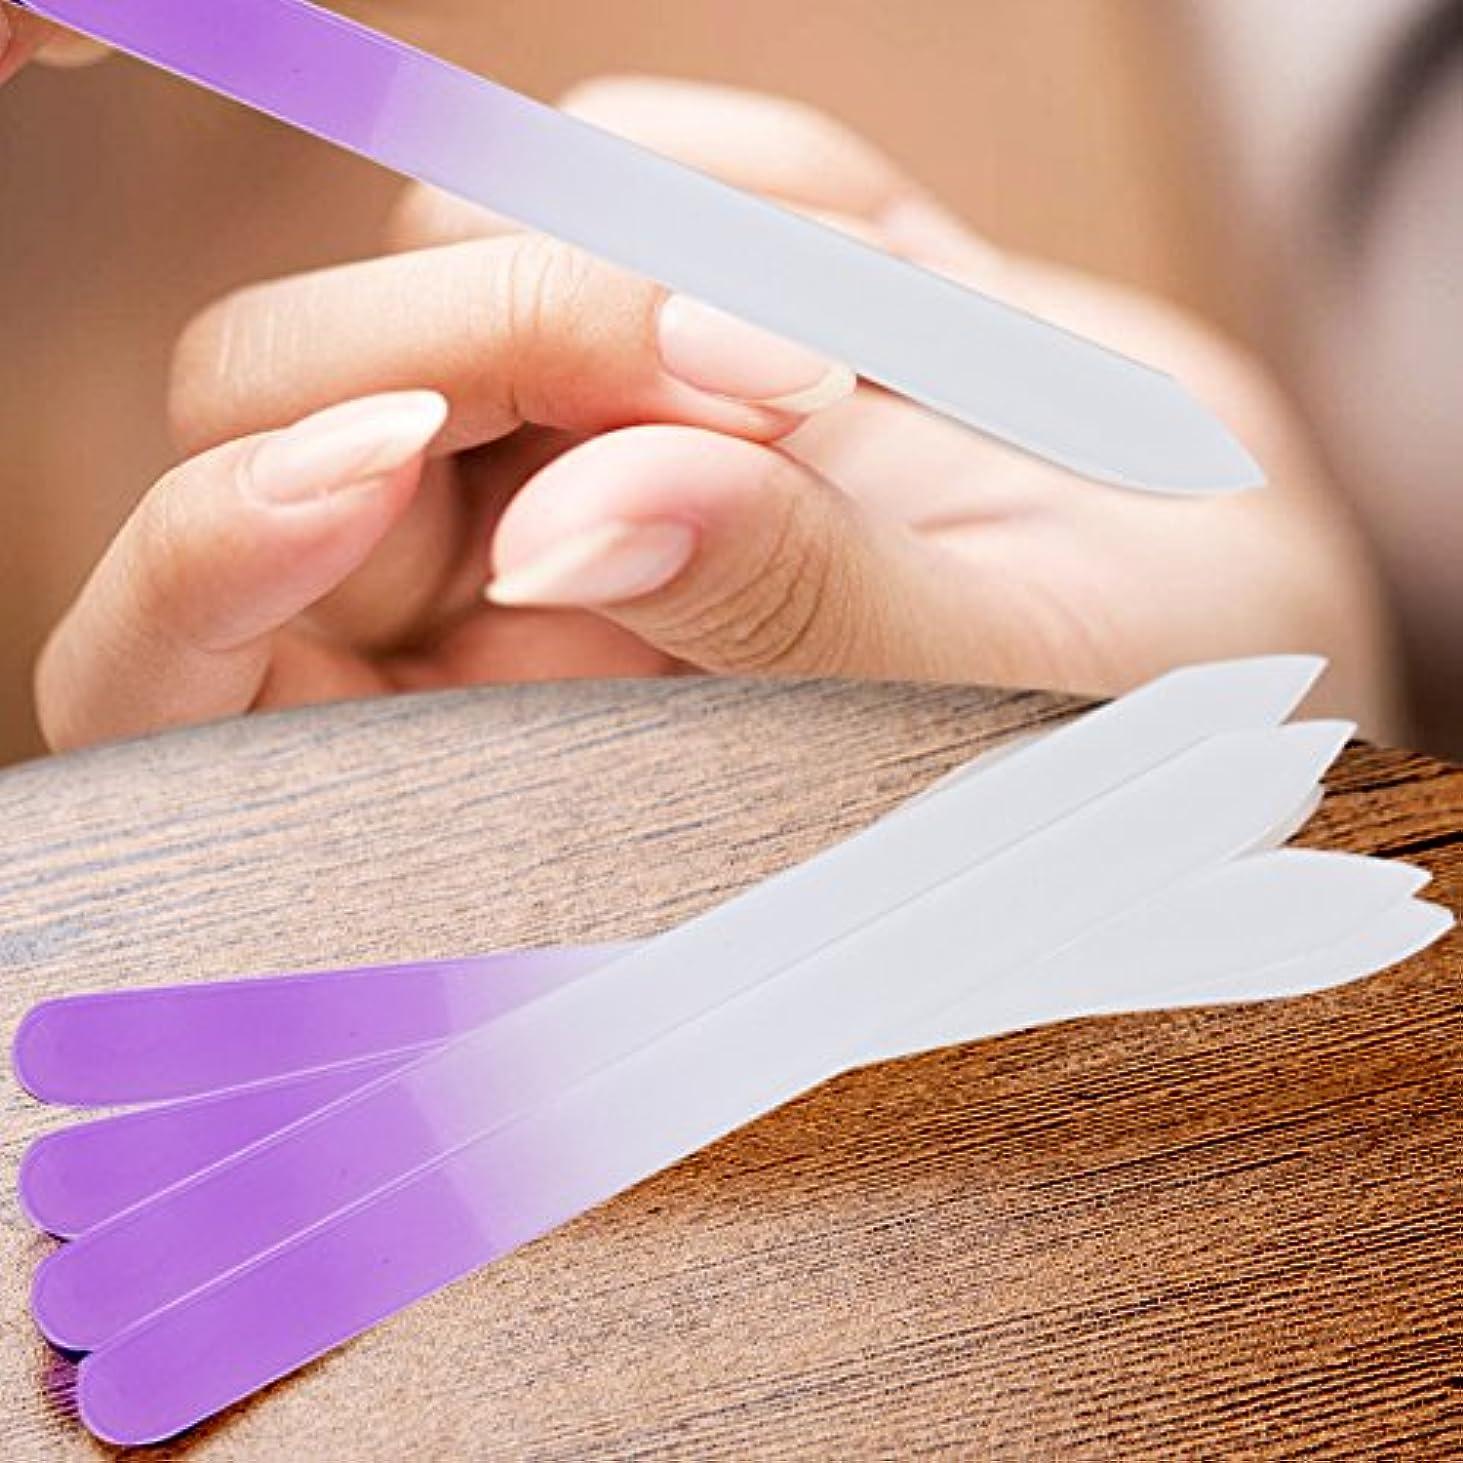 ガチョウ非難一貫したDemiawaking 爪ヤスリ ガラスネイルファイル 両面 爪やすり 爪磨き ネイルケア マニキュアファイル 4個組